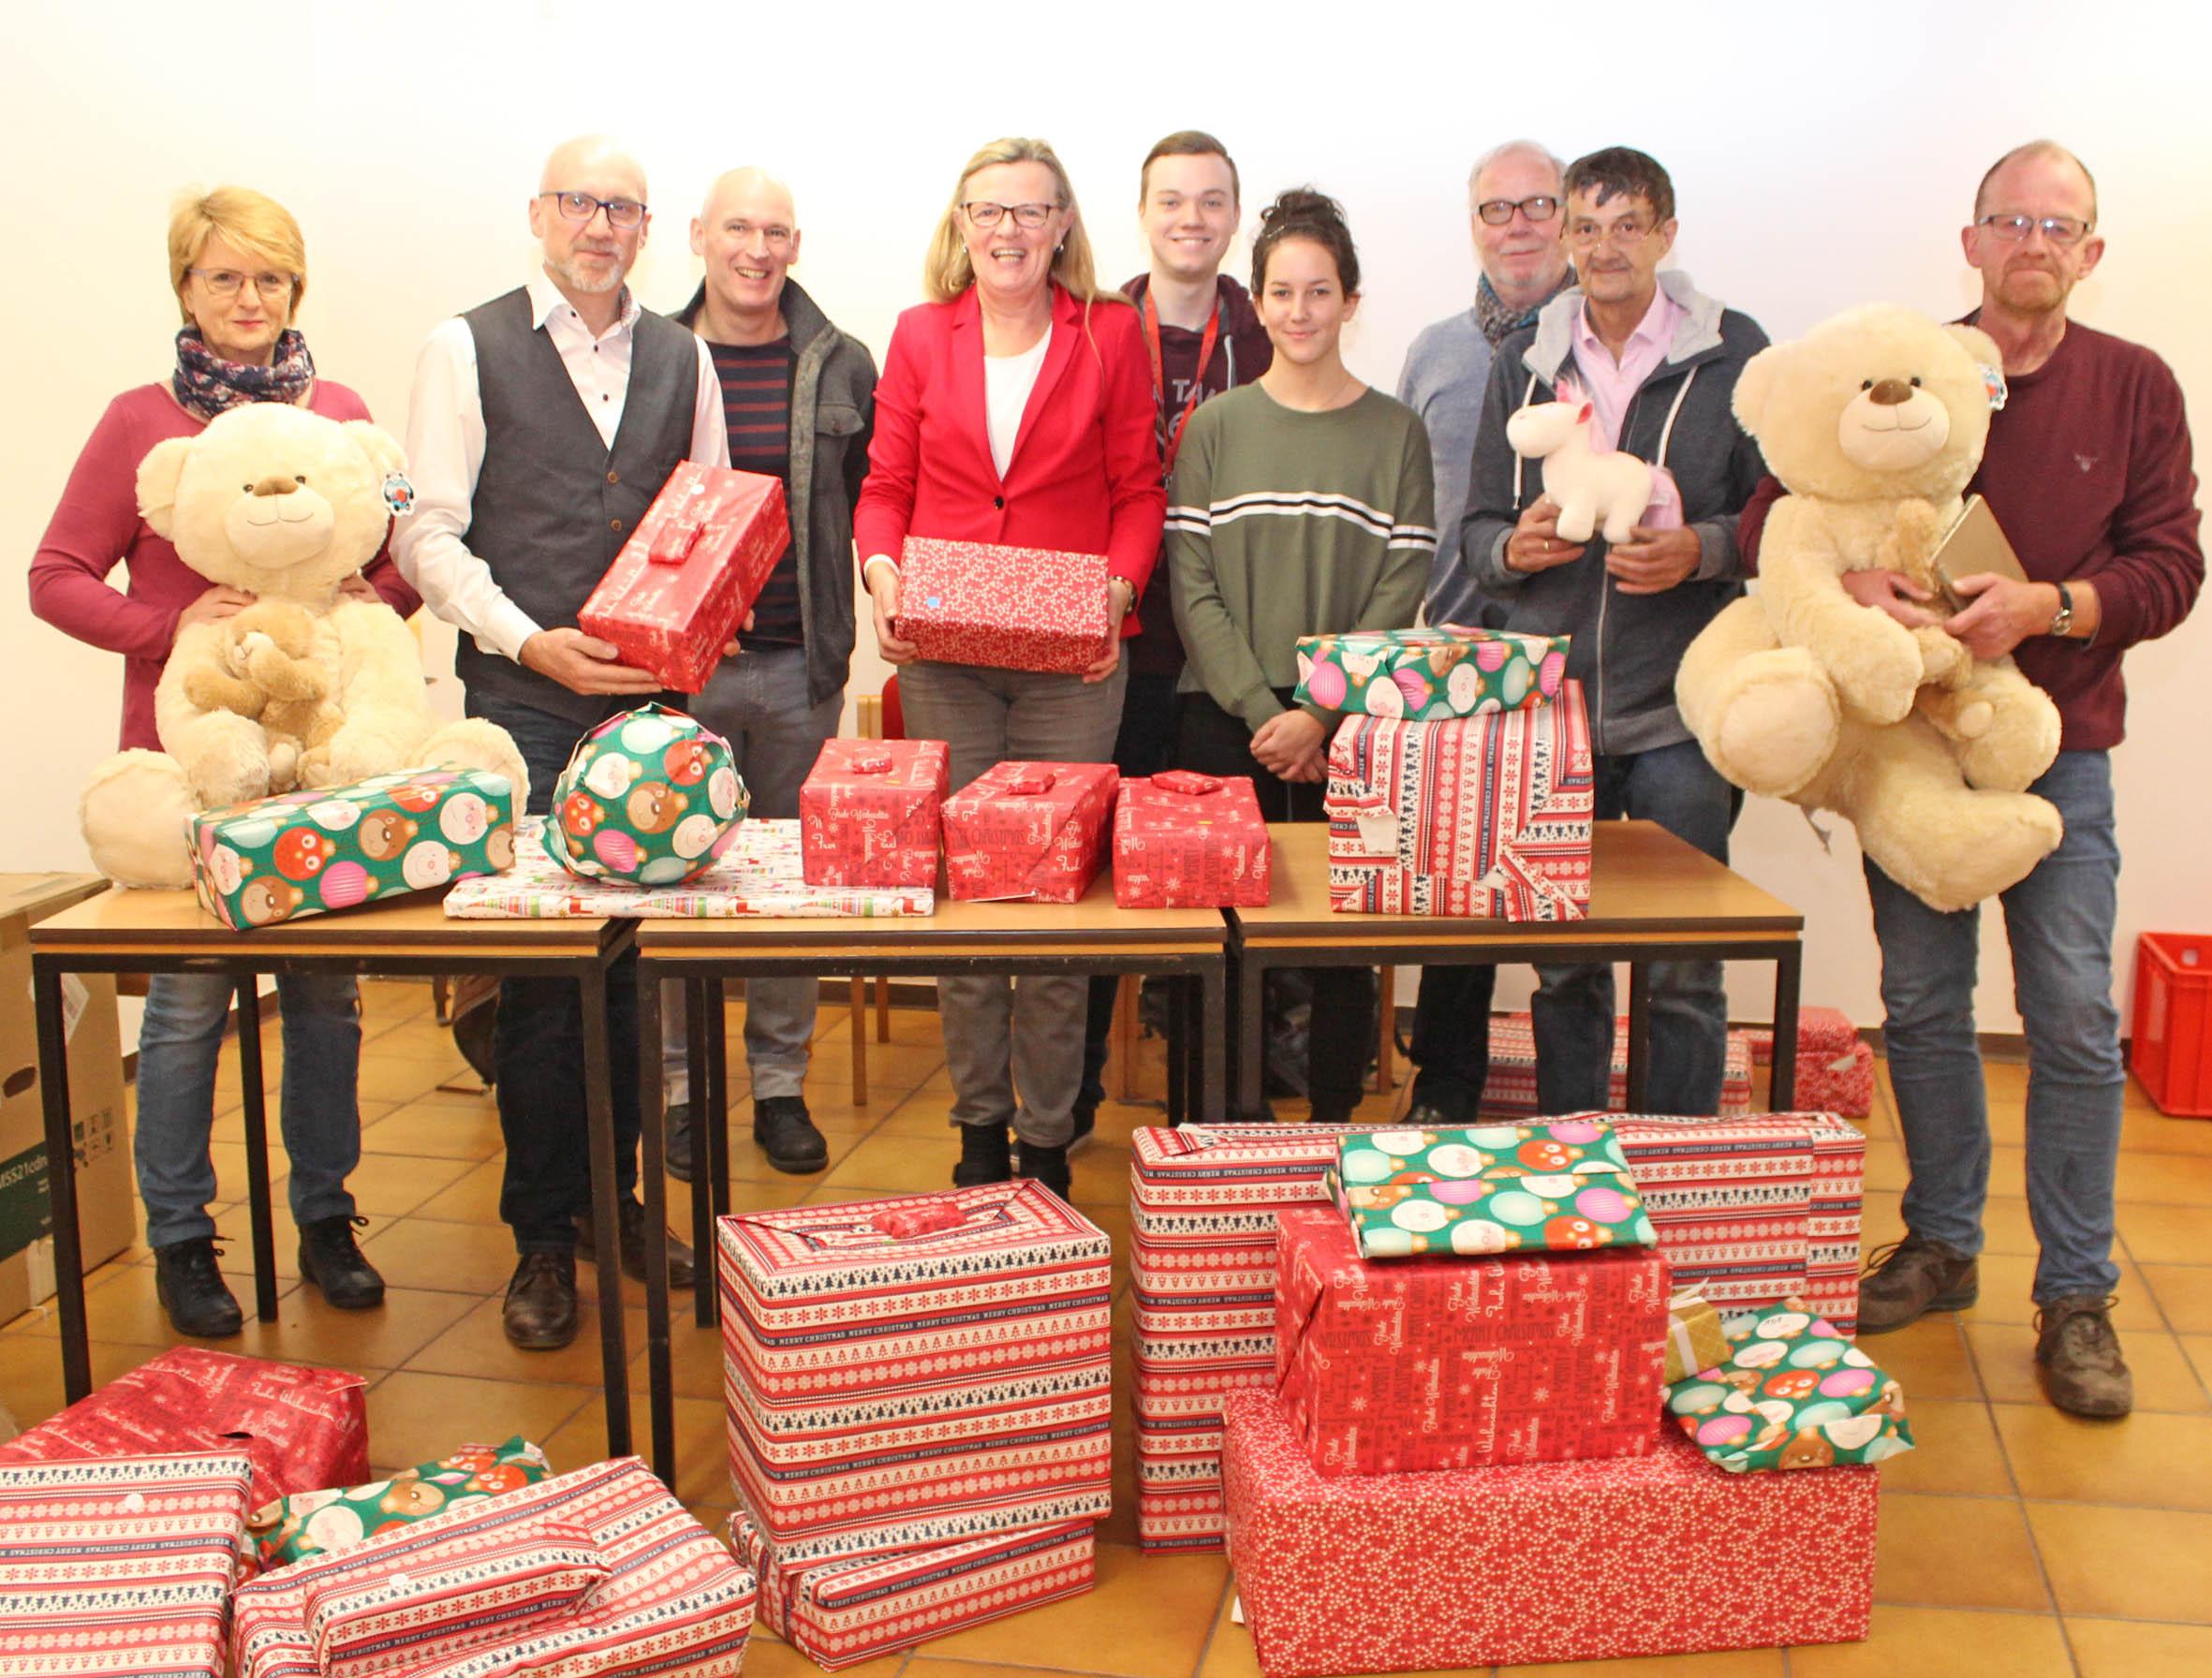 Brigitte Weihnachtsgeschenke.Kooperation Von Rewe Schulmaterialienkammer Und Jugendreferat